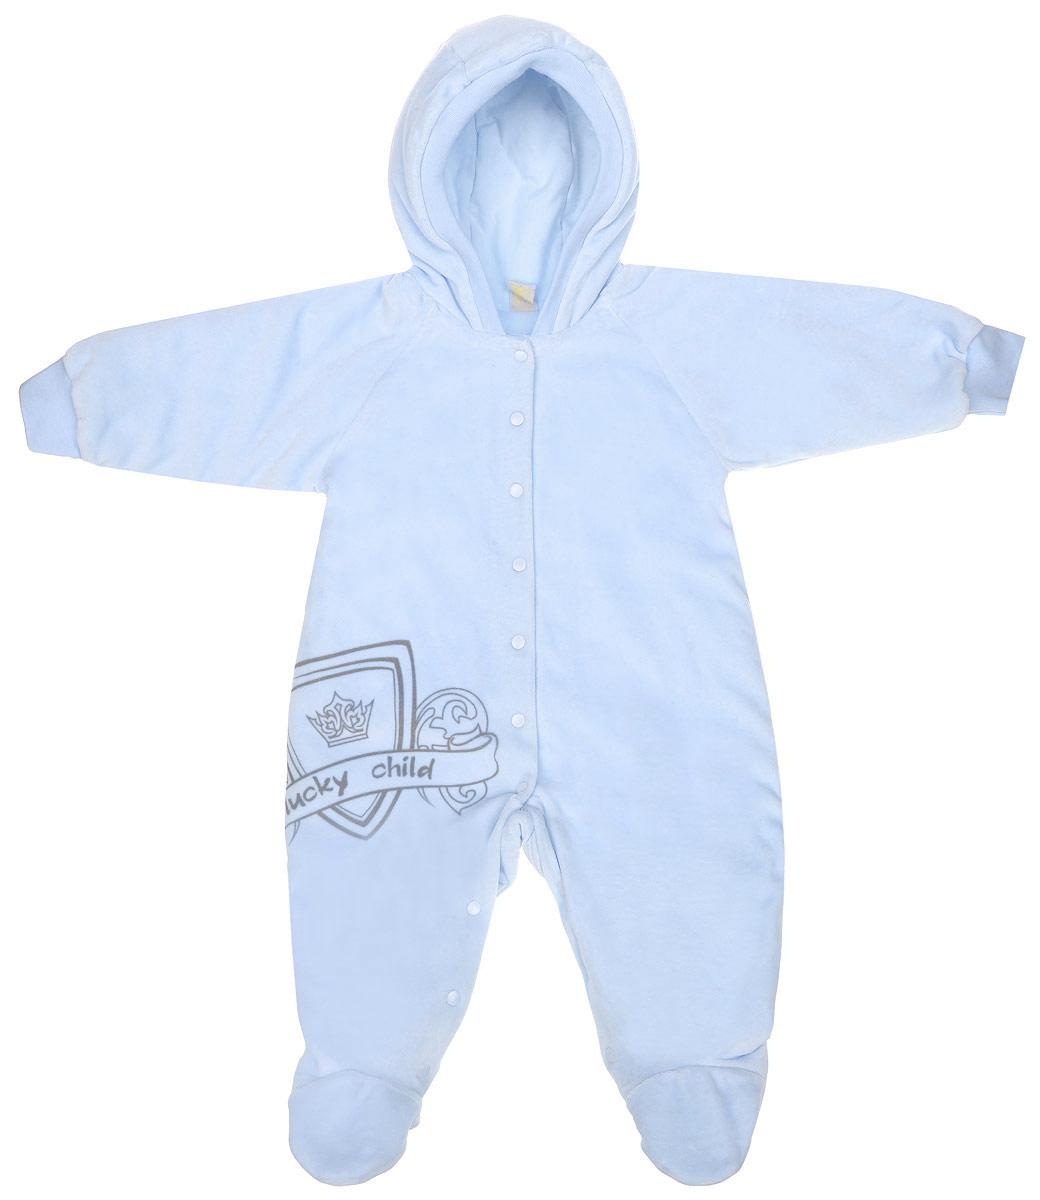 Комбинезон детский Lucky Child, цвет: голубой. 5-1. Размер 62/685-1Детский комбинезон Lucky Child - очень удобный и практичный вид одежды для малышей. Комбинезон выполнен из велюра на подкладке из натурального хлопка, благодаря чему он необычайно мягкий и приятный на ощупь, не раздражают нежную кожу ребенка и хорошо вентилируются, а эластичные швы приятны телу младенца и не препятствуют его движениям. В качестве утеплителя используется синтепон. Комбинезон с капюшоном, длинными рукавами-реглан и закрытыми ножками по центру застегивается на металлические застежки-кнопки, также имеются застежки-кнопки на ластовице, что помогает с легкостью переодеть младенца или сменить подгузник. Капюшон по краю дополнен широкой трикотажной резинкой. Рукава понизу дополнены широкими эластичными манжетами, которые мягко обхватывают запястья. Спереди изделие оформлено оригинальным принтом в виде логотипа бренда. С детским комбинезоном Lucky Child спинка и ножки вашего малыша всегда будут в тепле. Комбинезон полностью соответствует особенностям жизни младенца в ранний период, не стесняя и не ограничивая его в движениях!